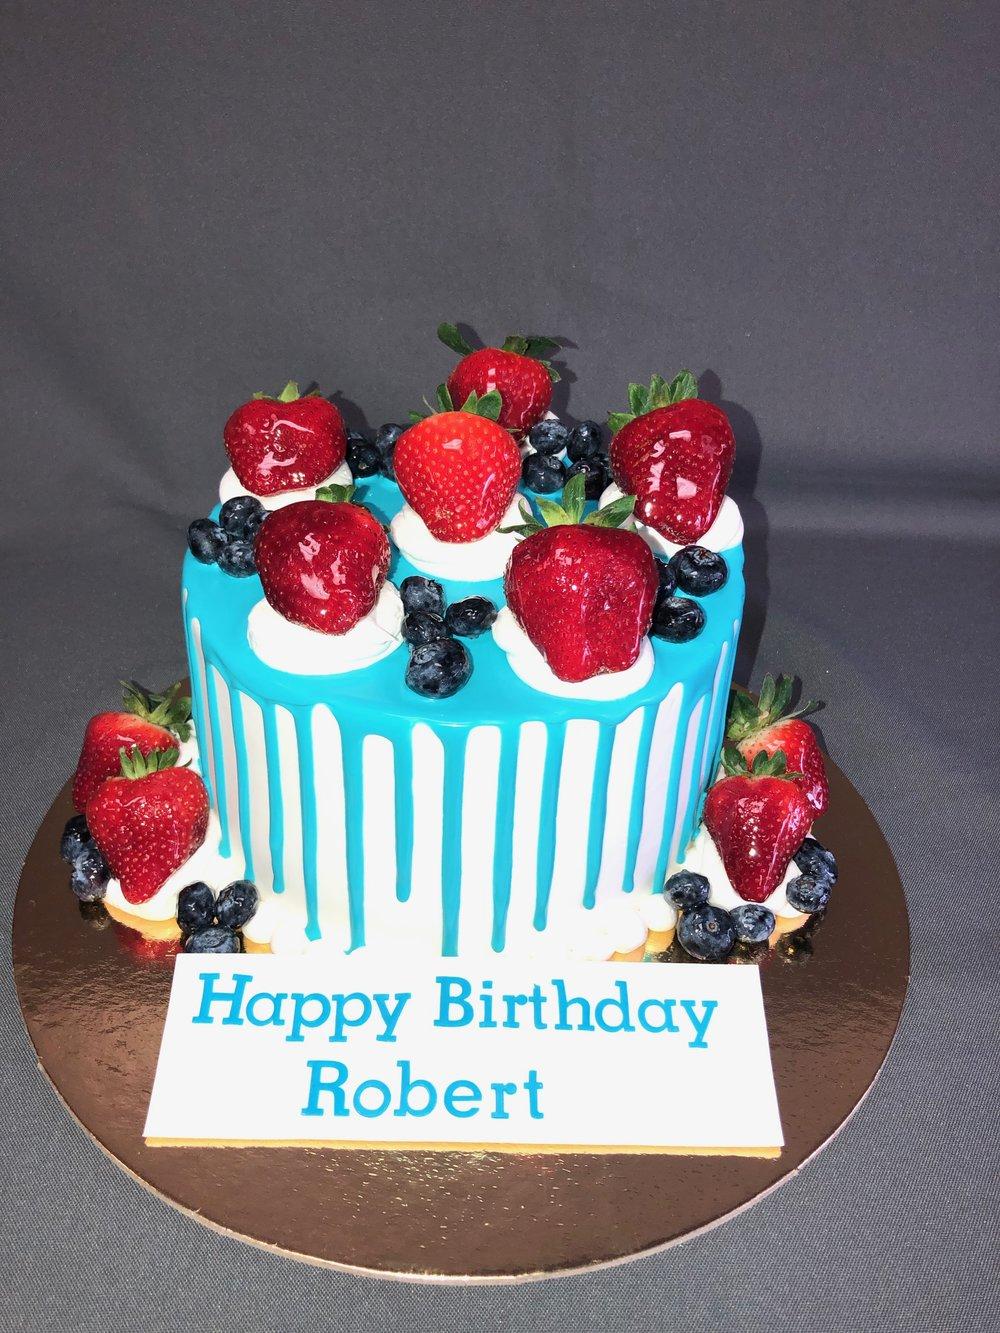 Birthday Cake Skazka Desserts Bakery Nj Custom Birthday Cakes Cupcakes Shop